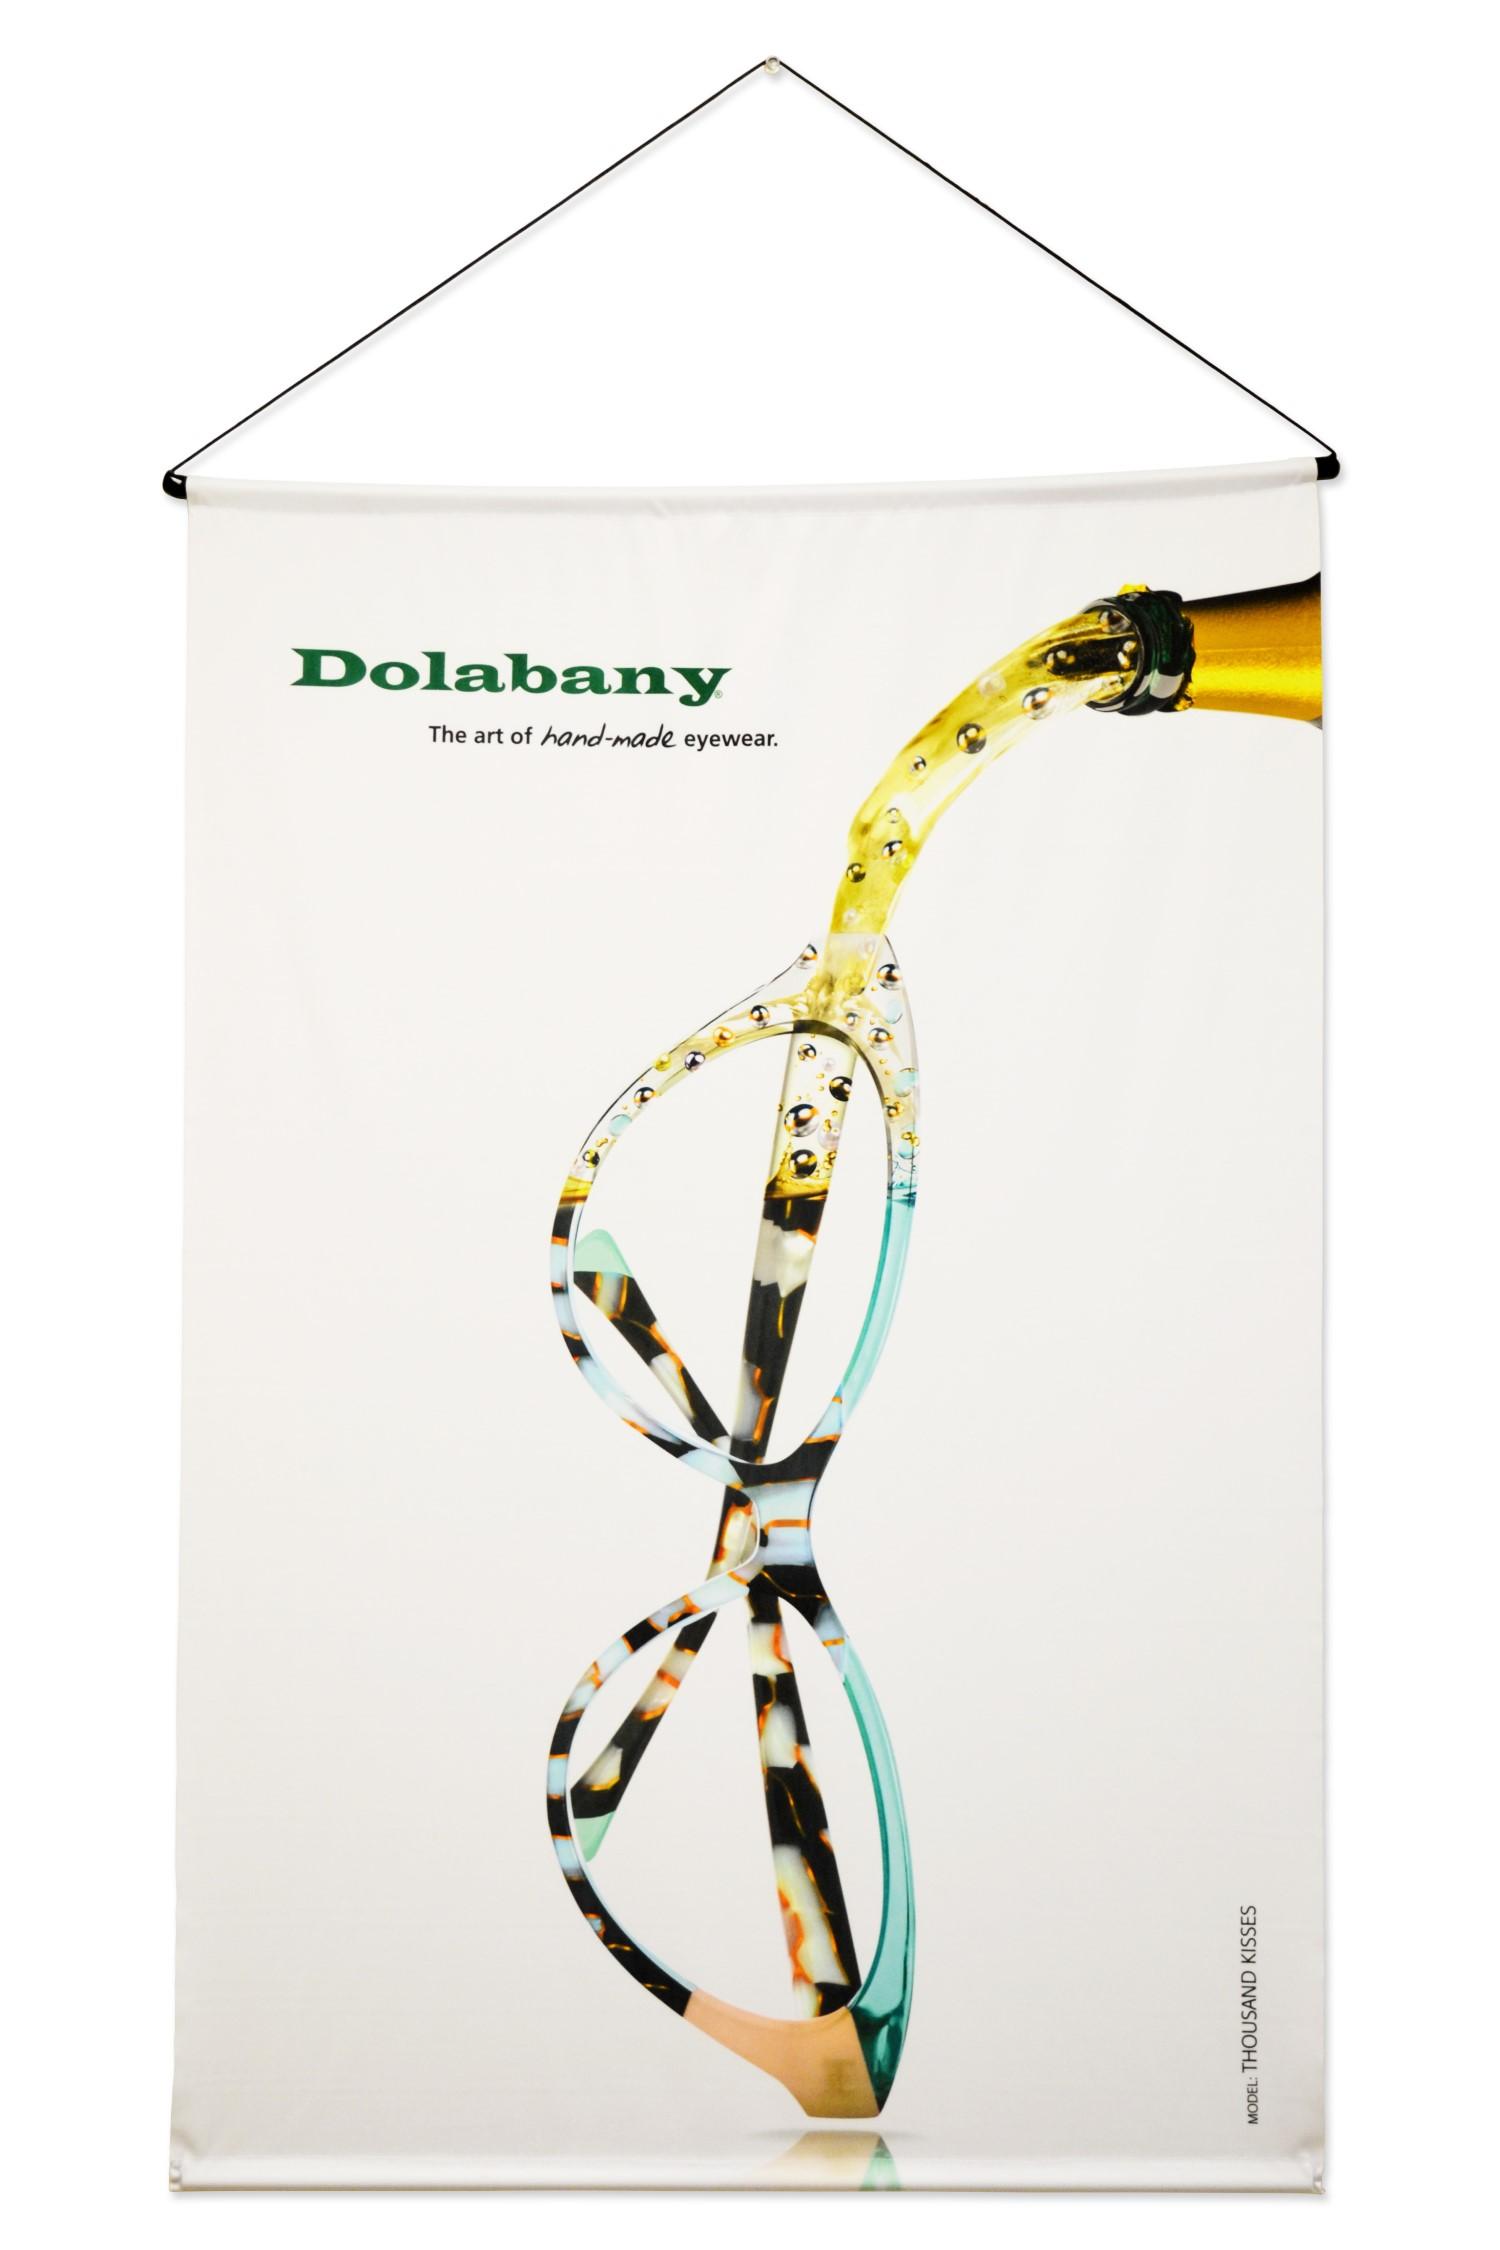 Dolabany Eyewear Thousand Kisses Banner